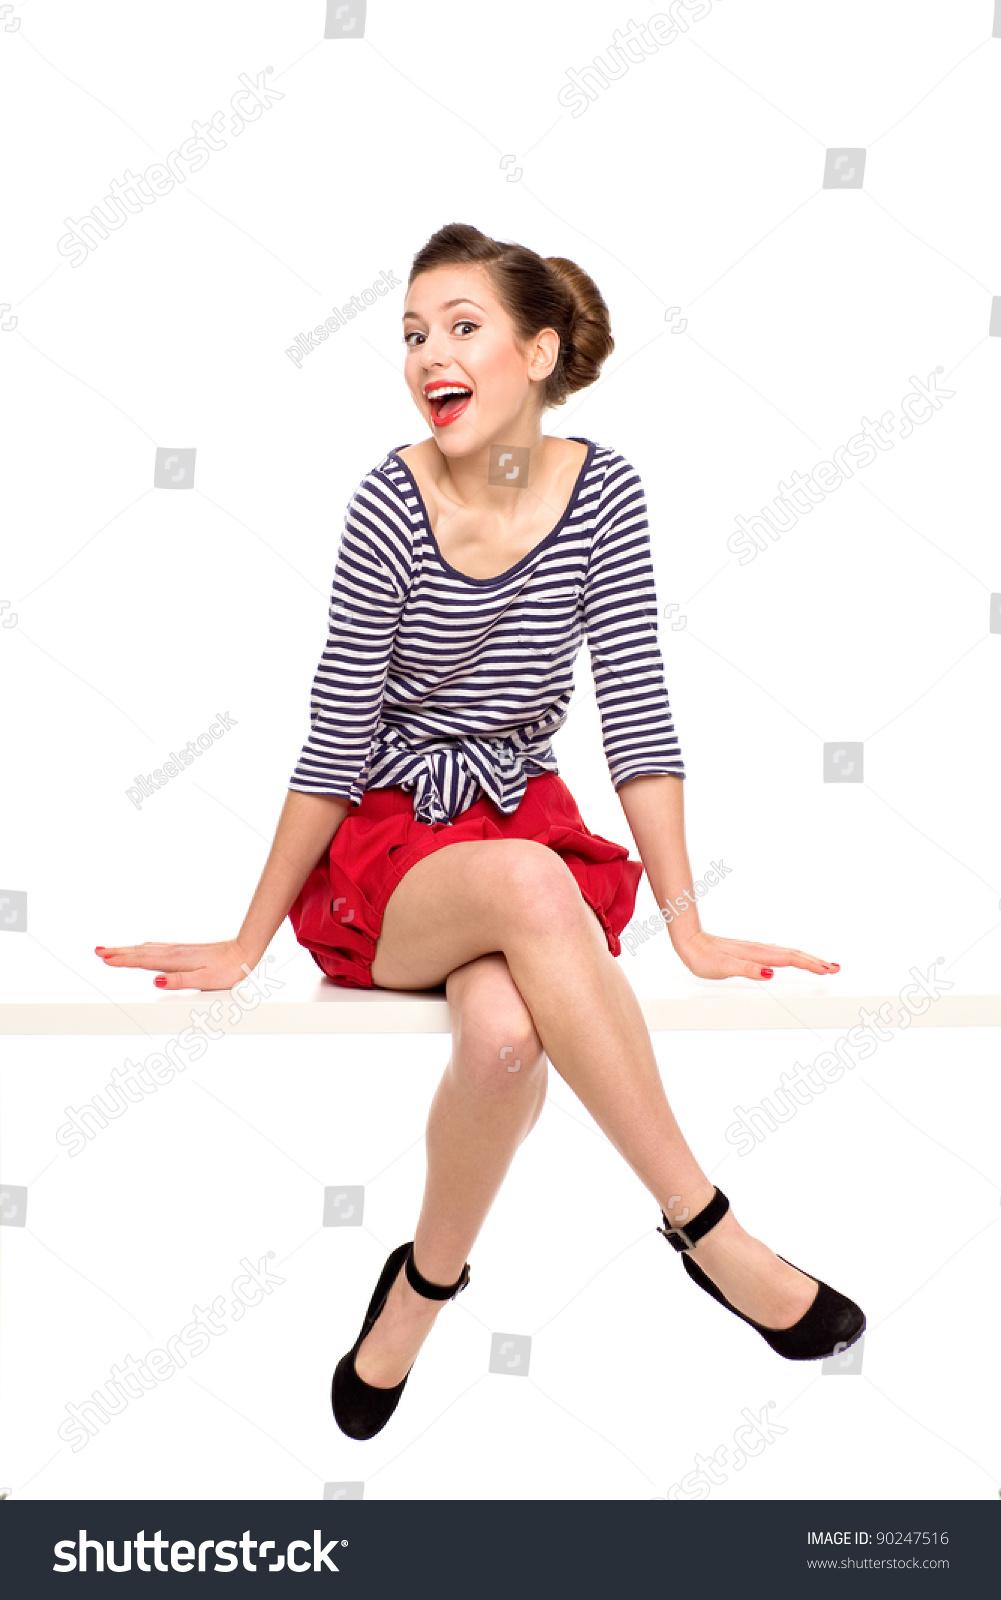 Pin Up Girl Sitting